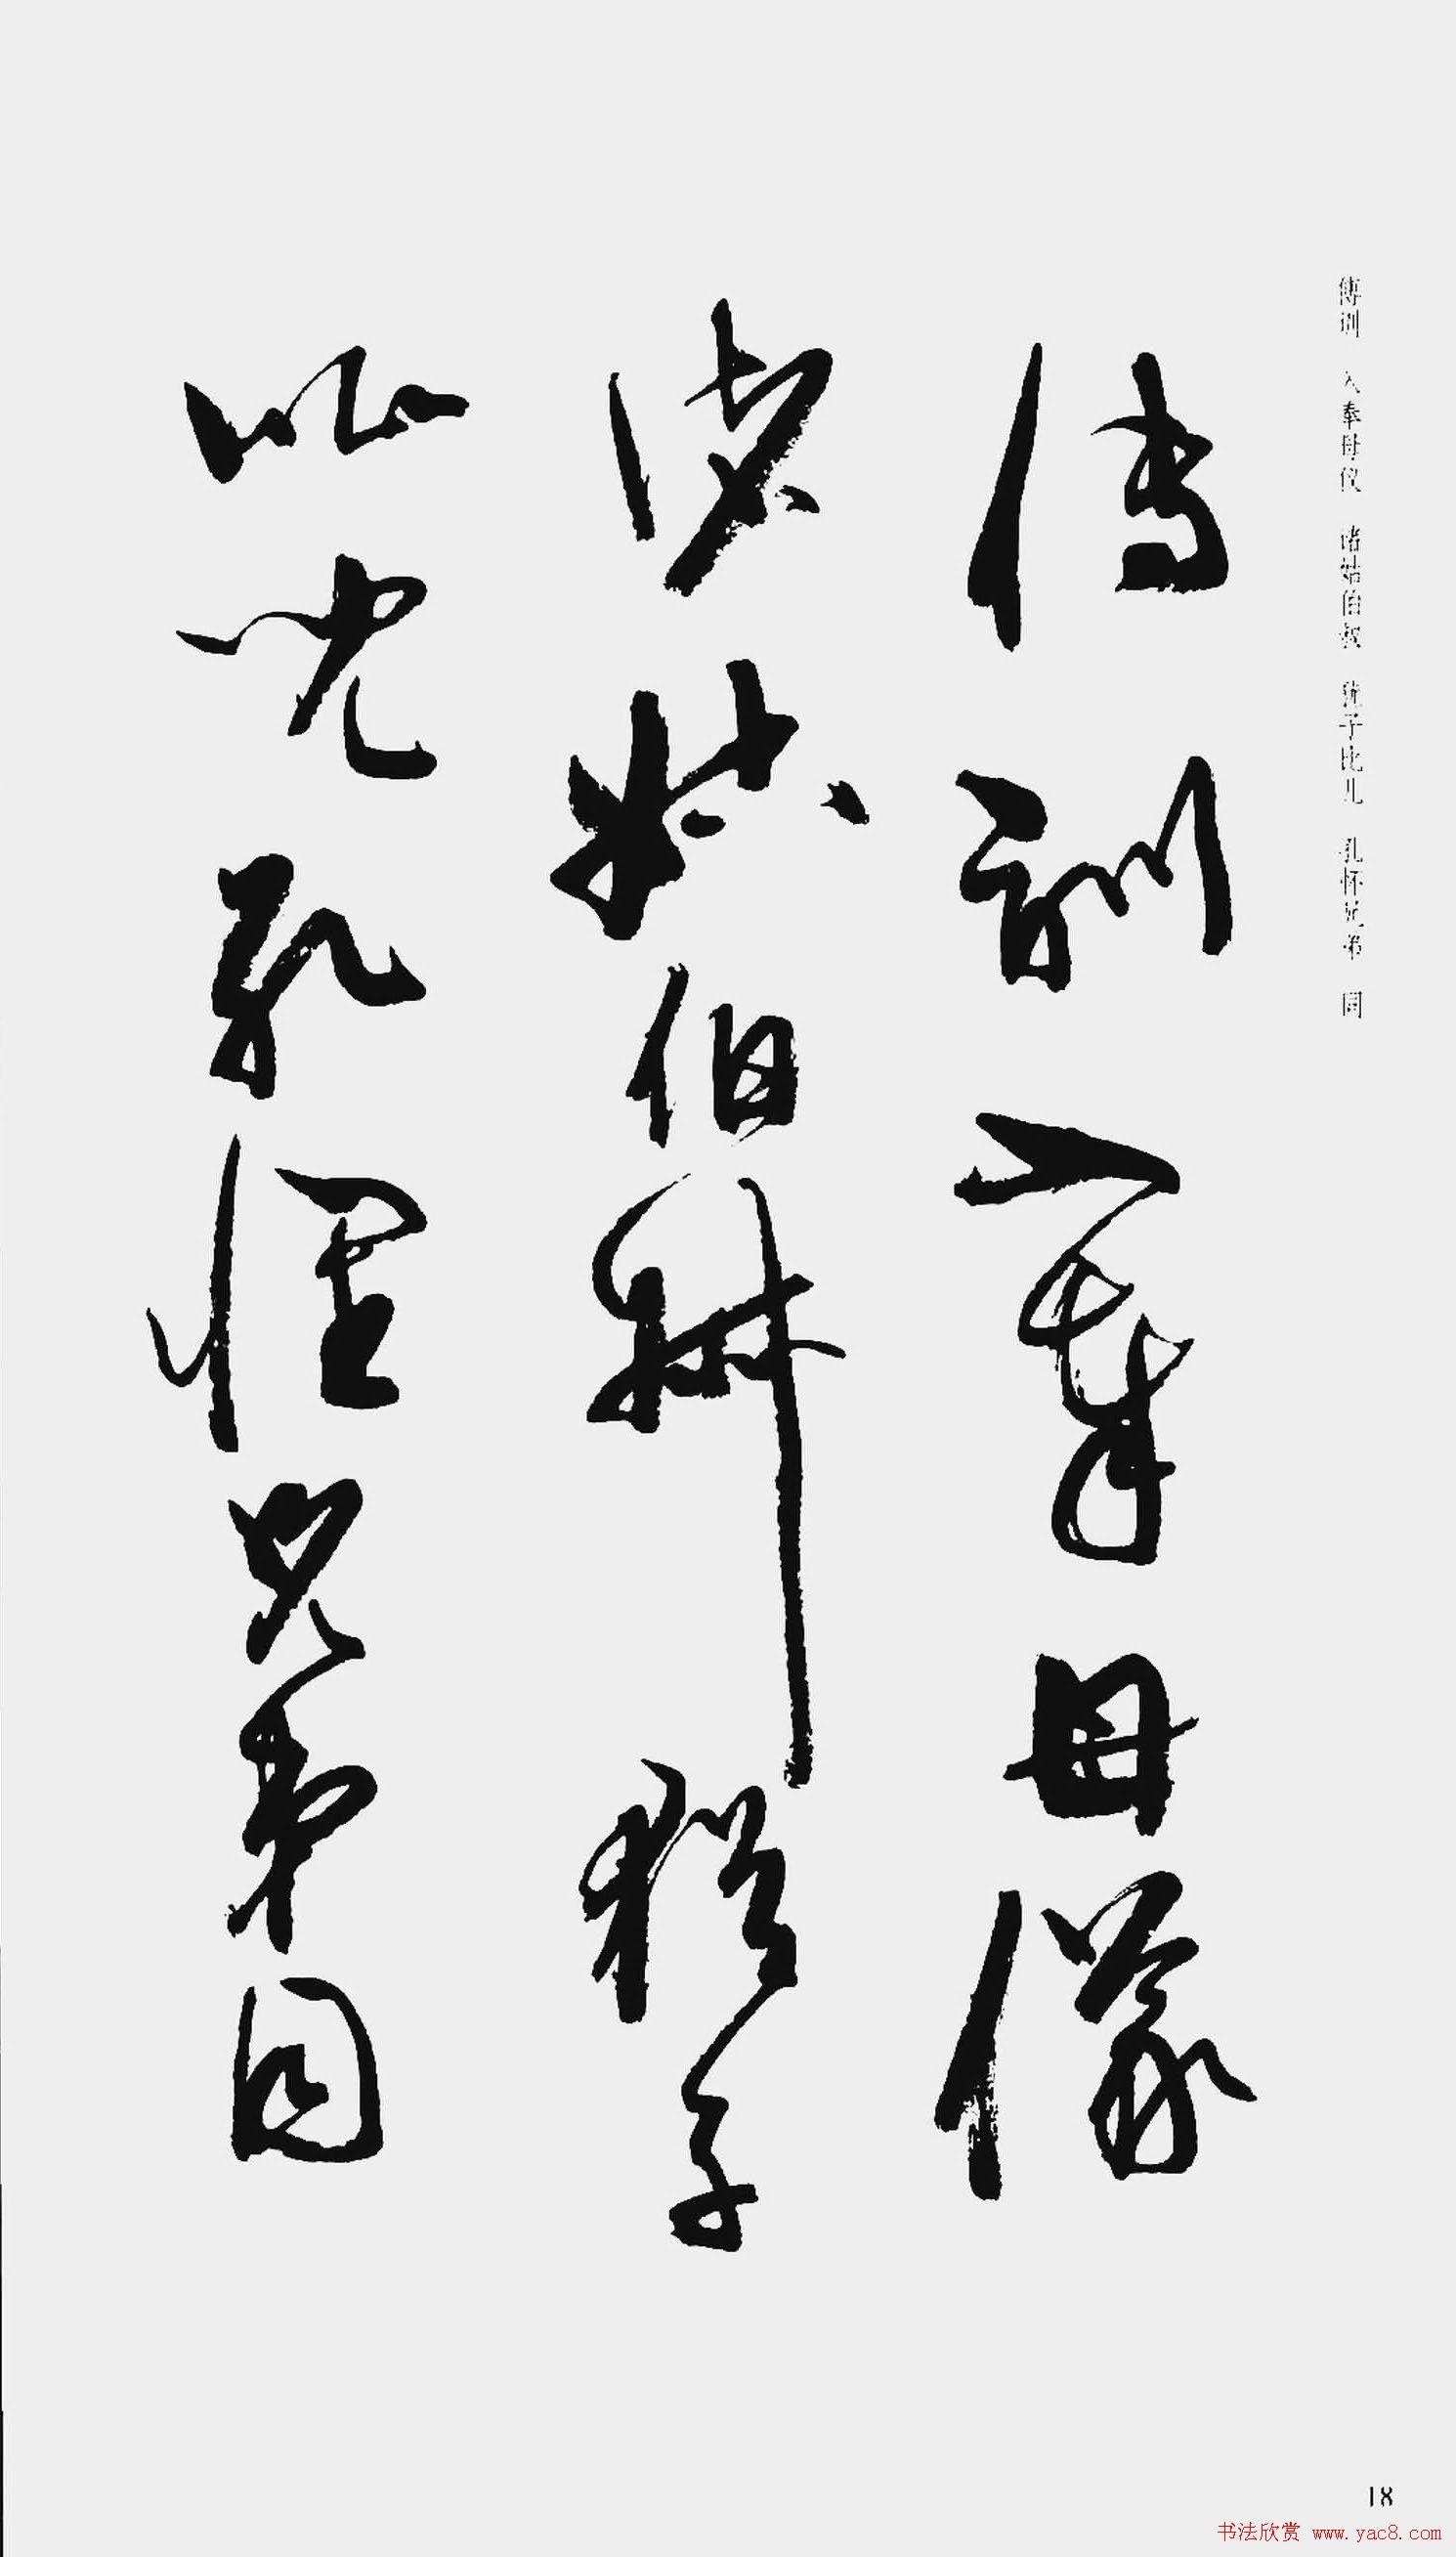 周慧珺书法字帖:《行草千字文》 - 第19页 _草书字帖